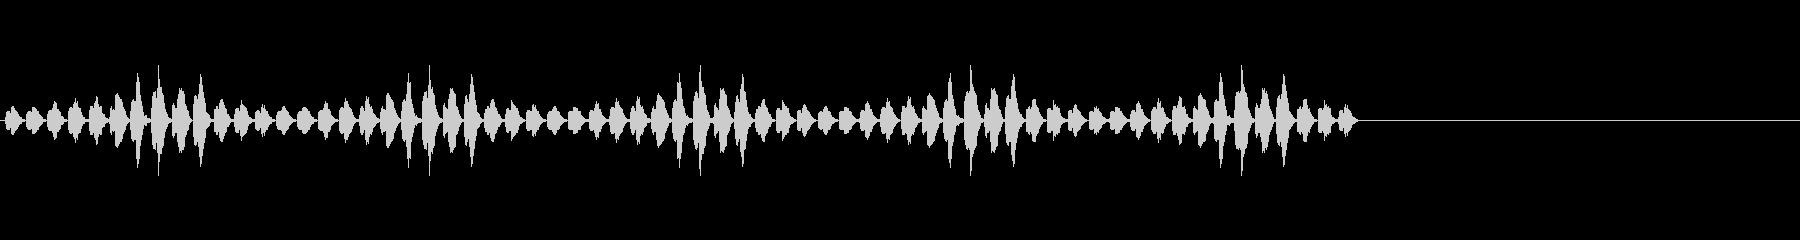 シンセアラーム;高音から低音へのト...の未再生の波形